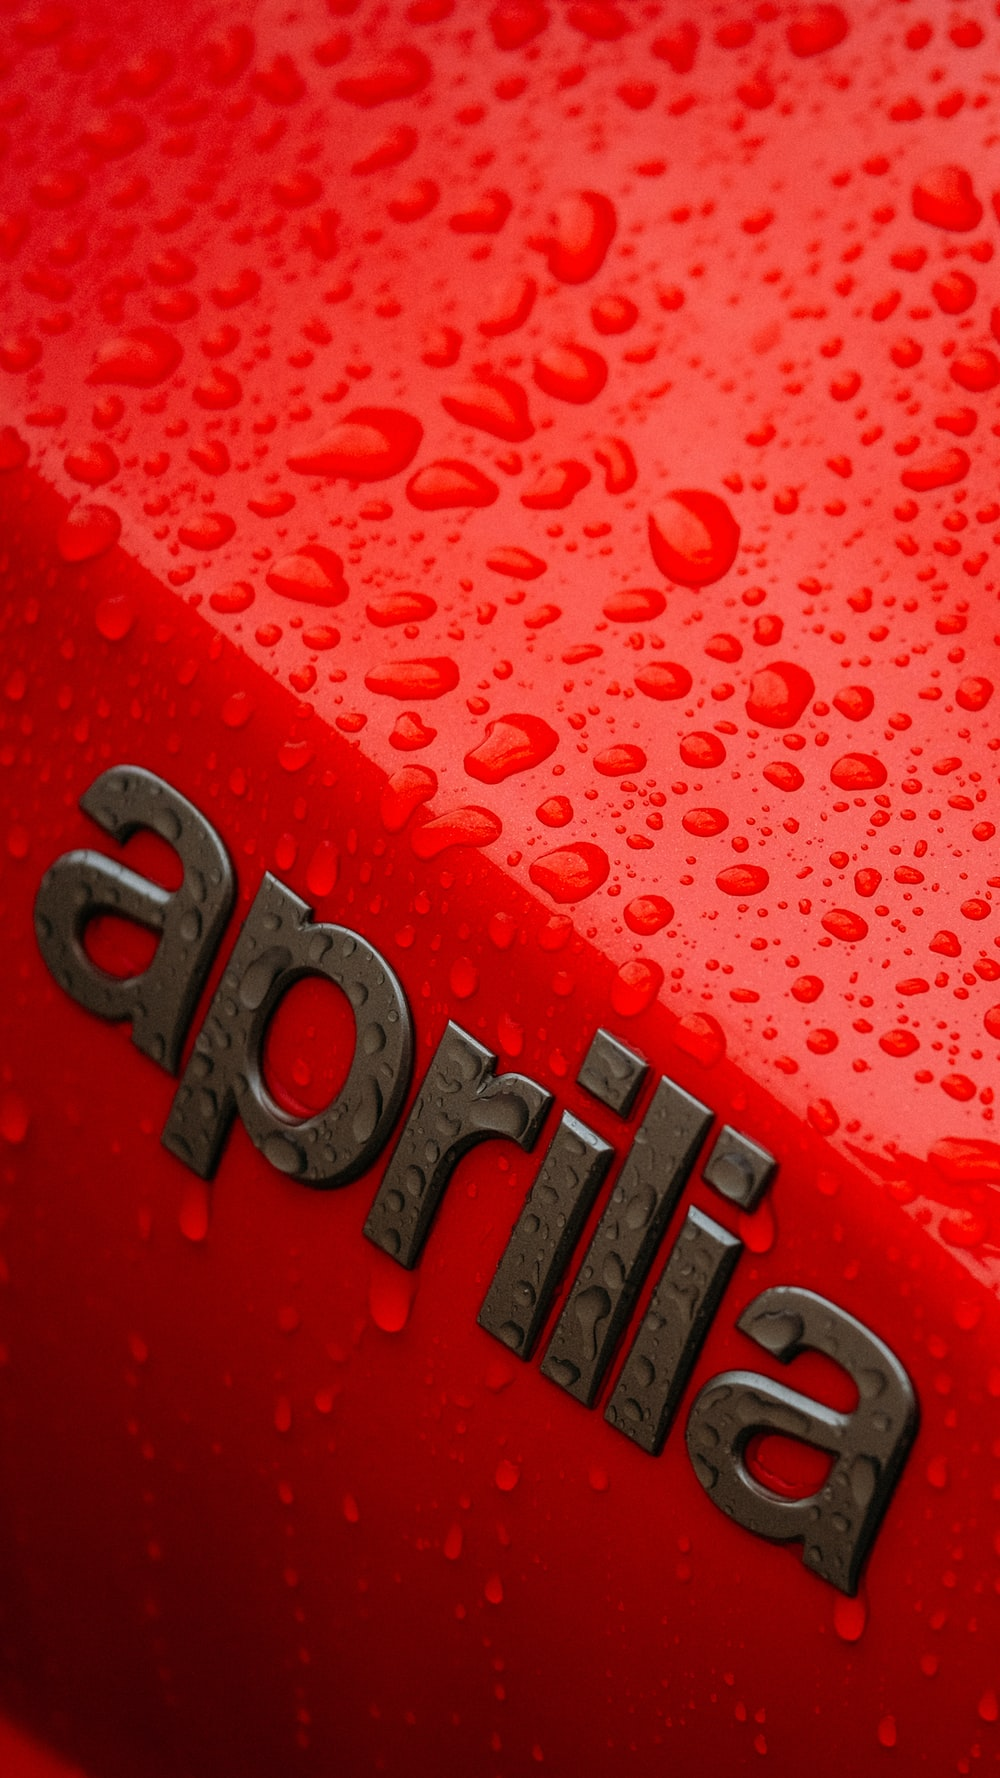 Aprilia car